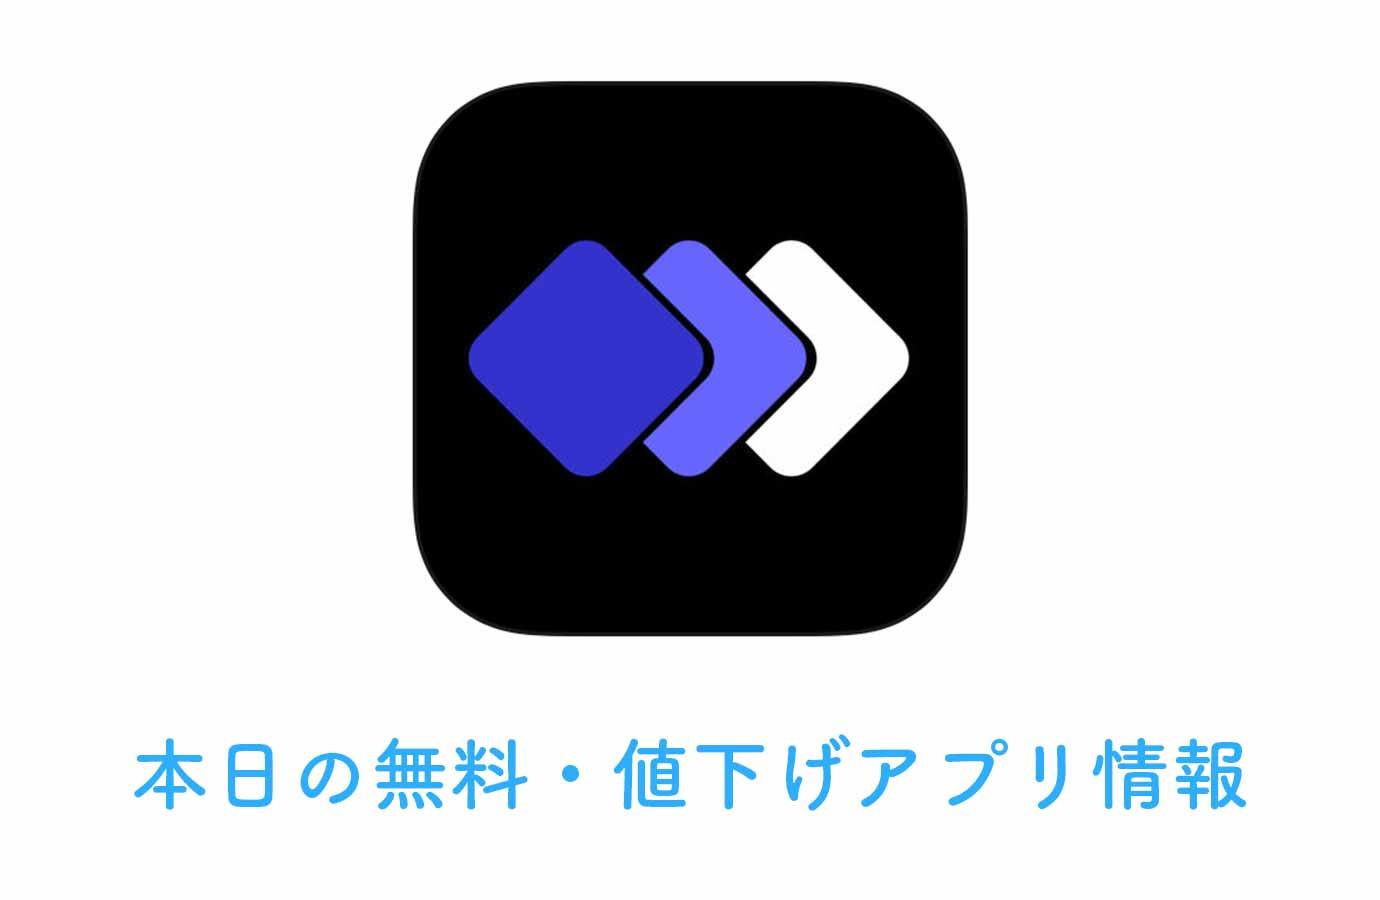 360円→無料、細かく設定してオリジナルフィルターがつくれる画像編集アプリ「Preset」など【6/14】本日の無料・値下げアプリ情報